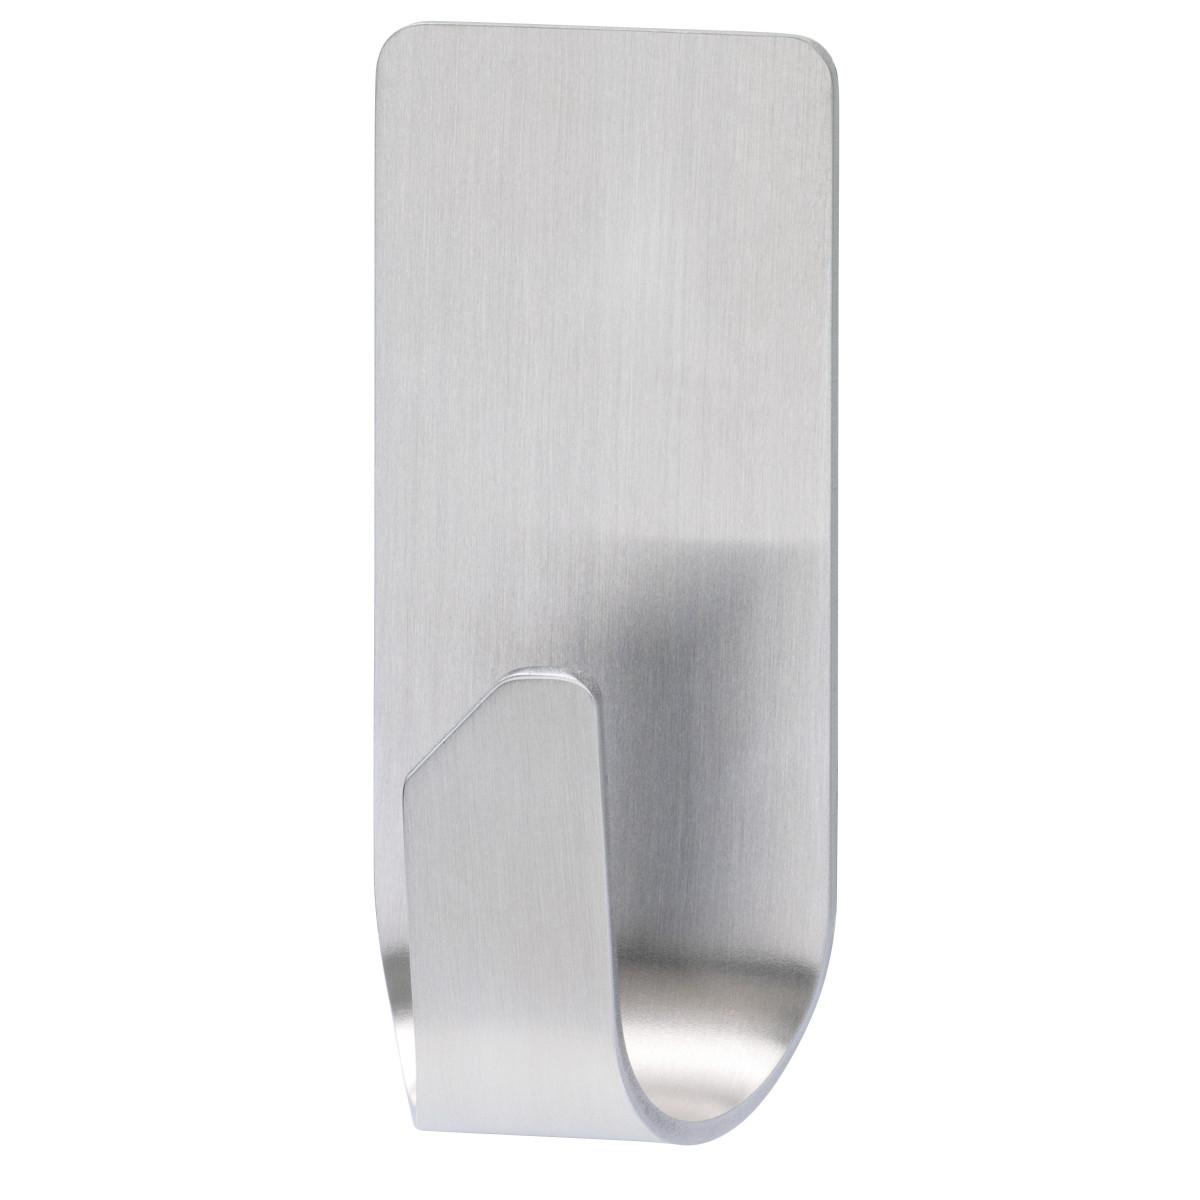 Крючок водостойкий Powerstrips до 2 кг цвет белый 1 шт.